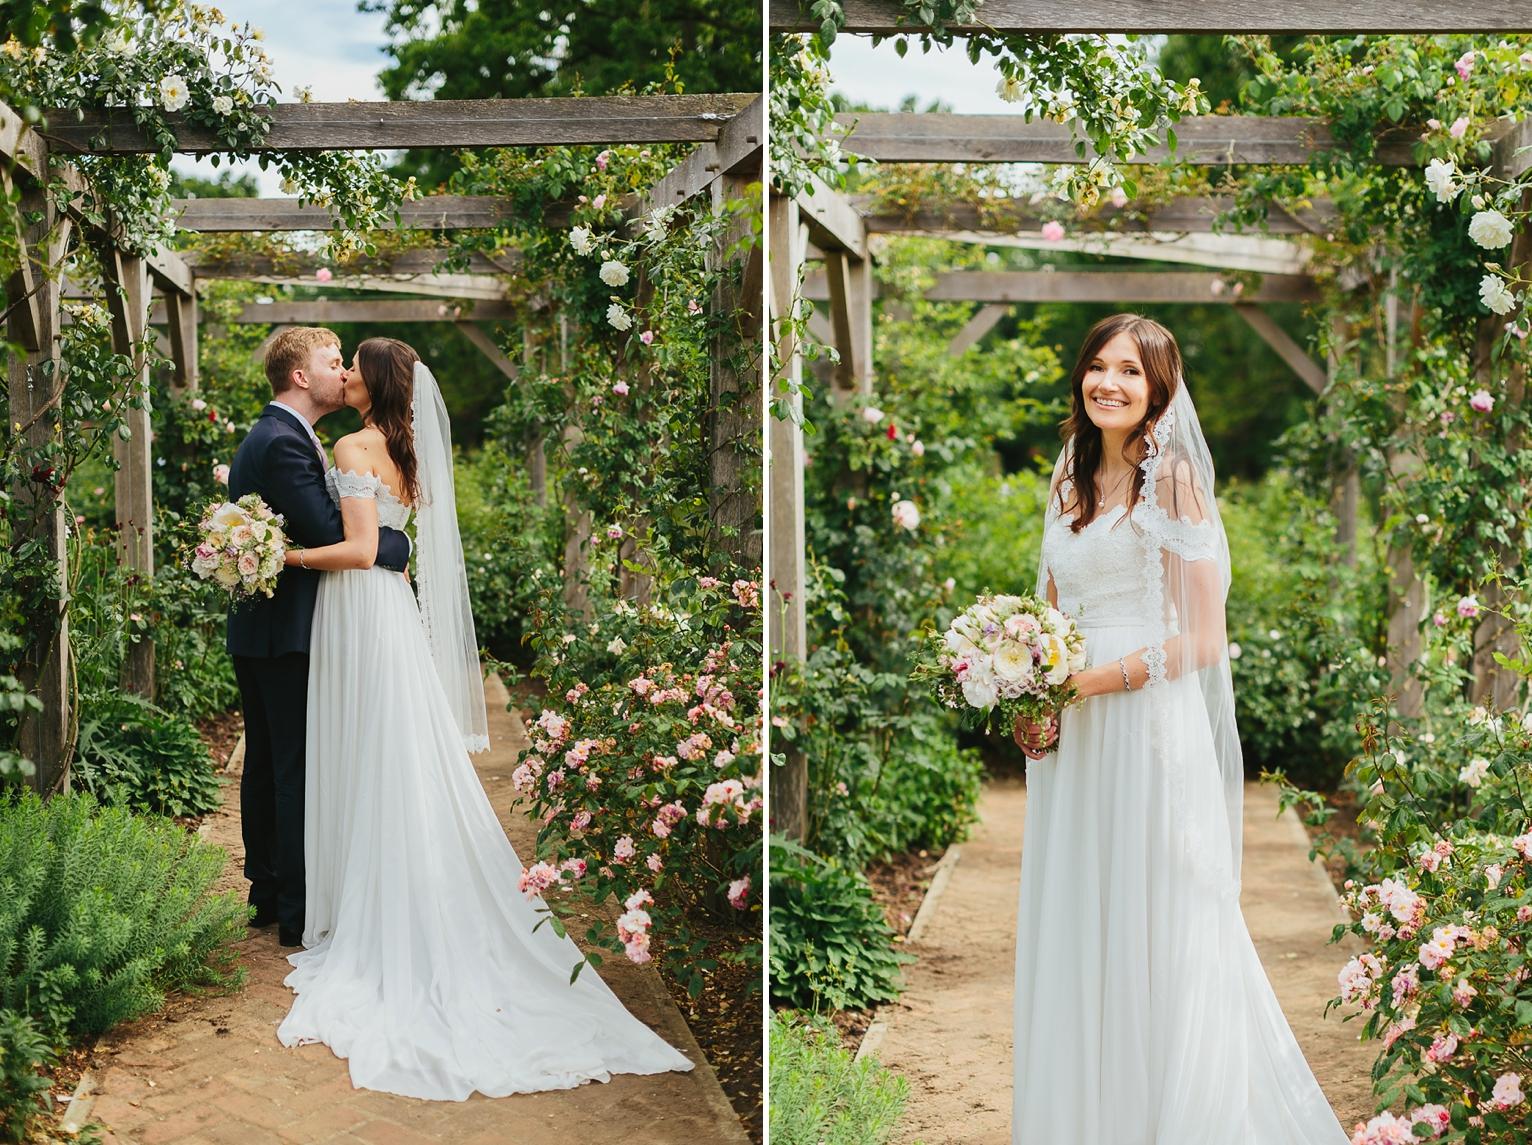 London garden wedding